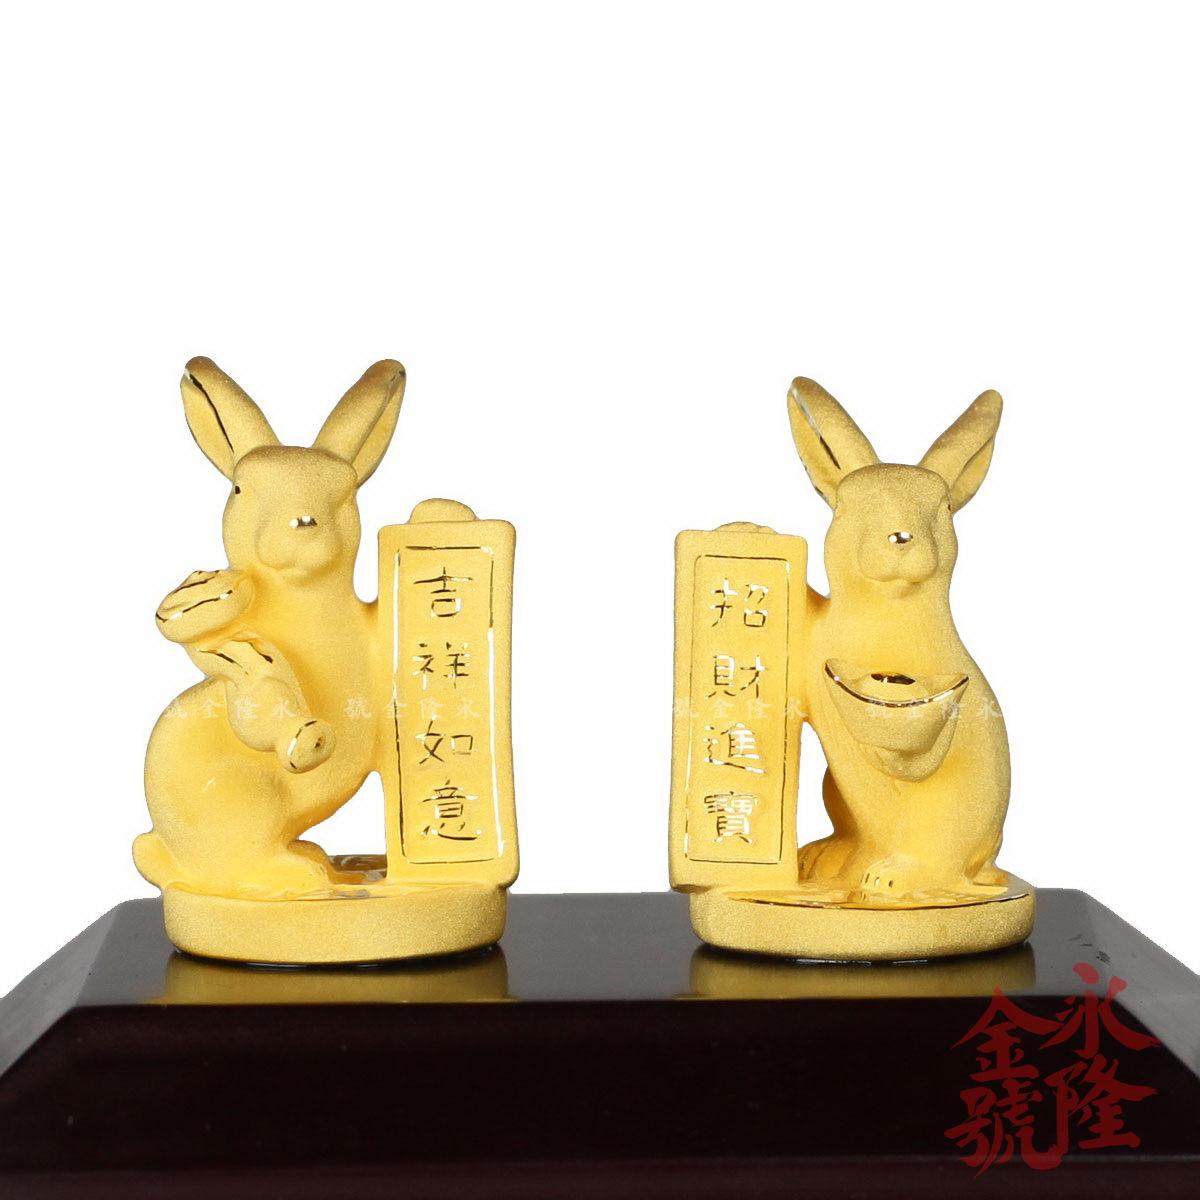 电铸24k黄金吉祥 招财兔 金兔 工艺礼品 收藏摆件 新年 生日礼物